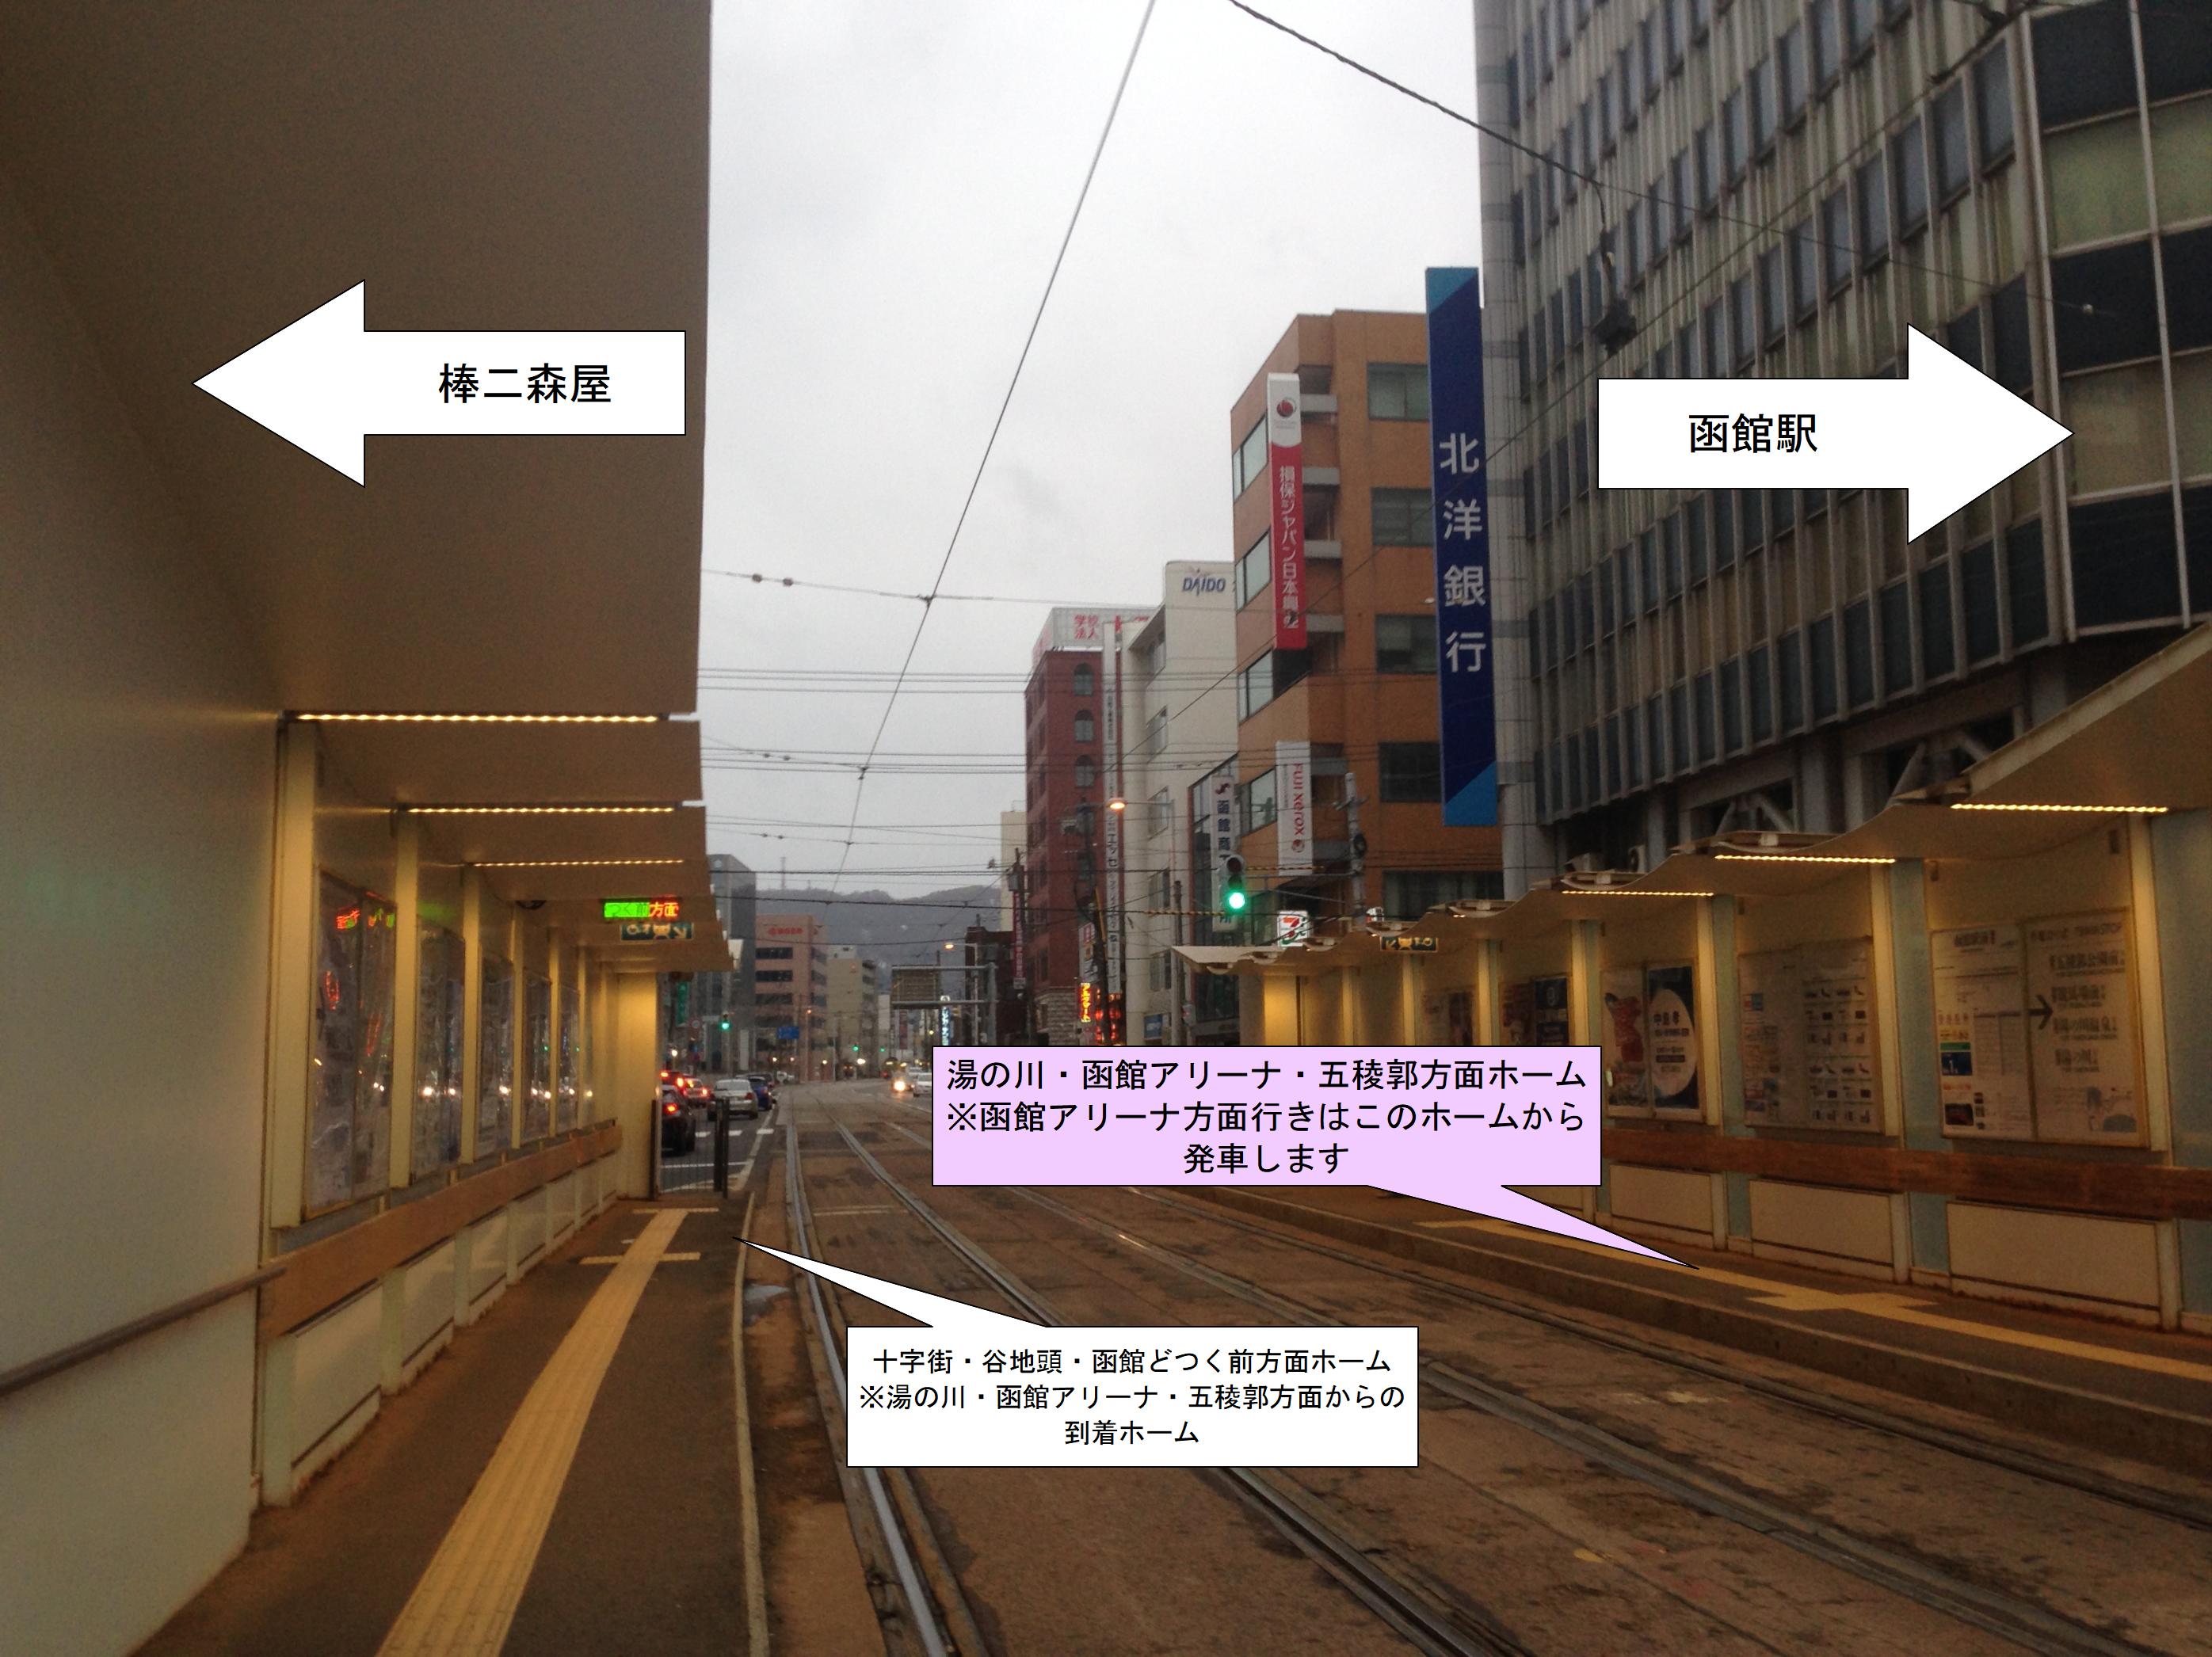 函館市電 函館駅前電停案内写真